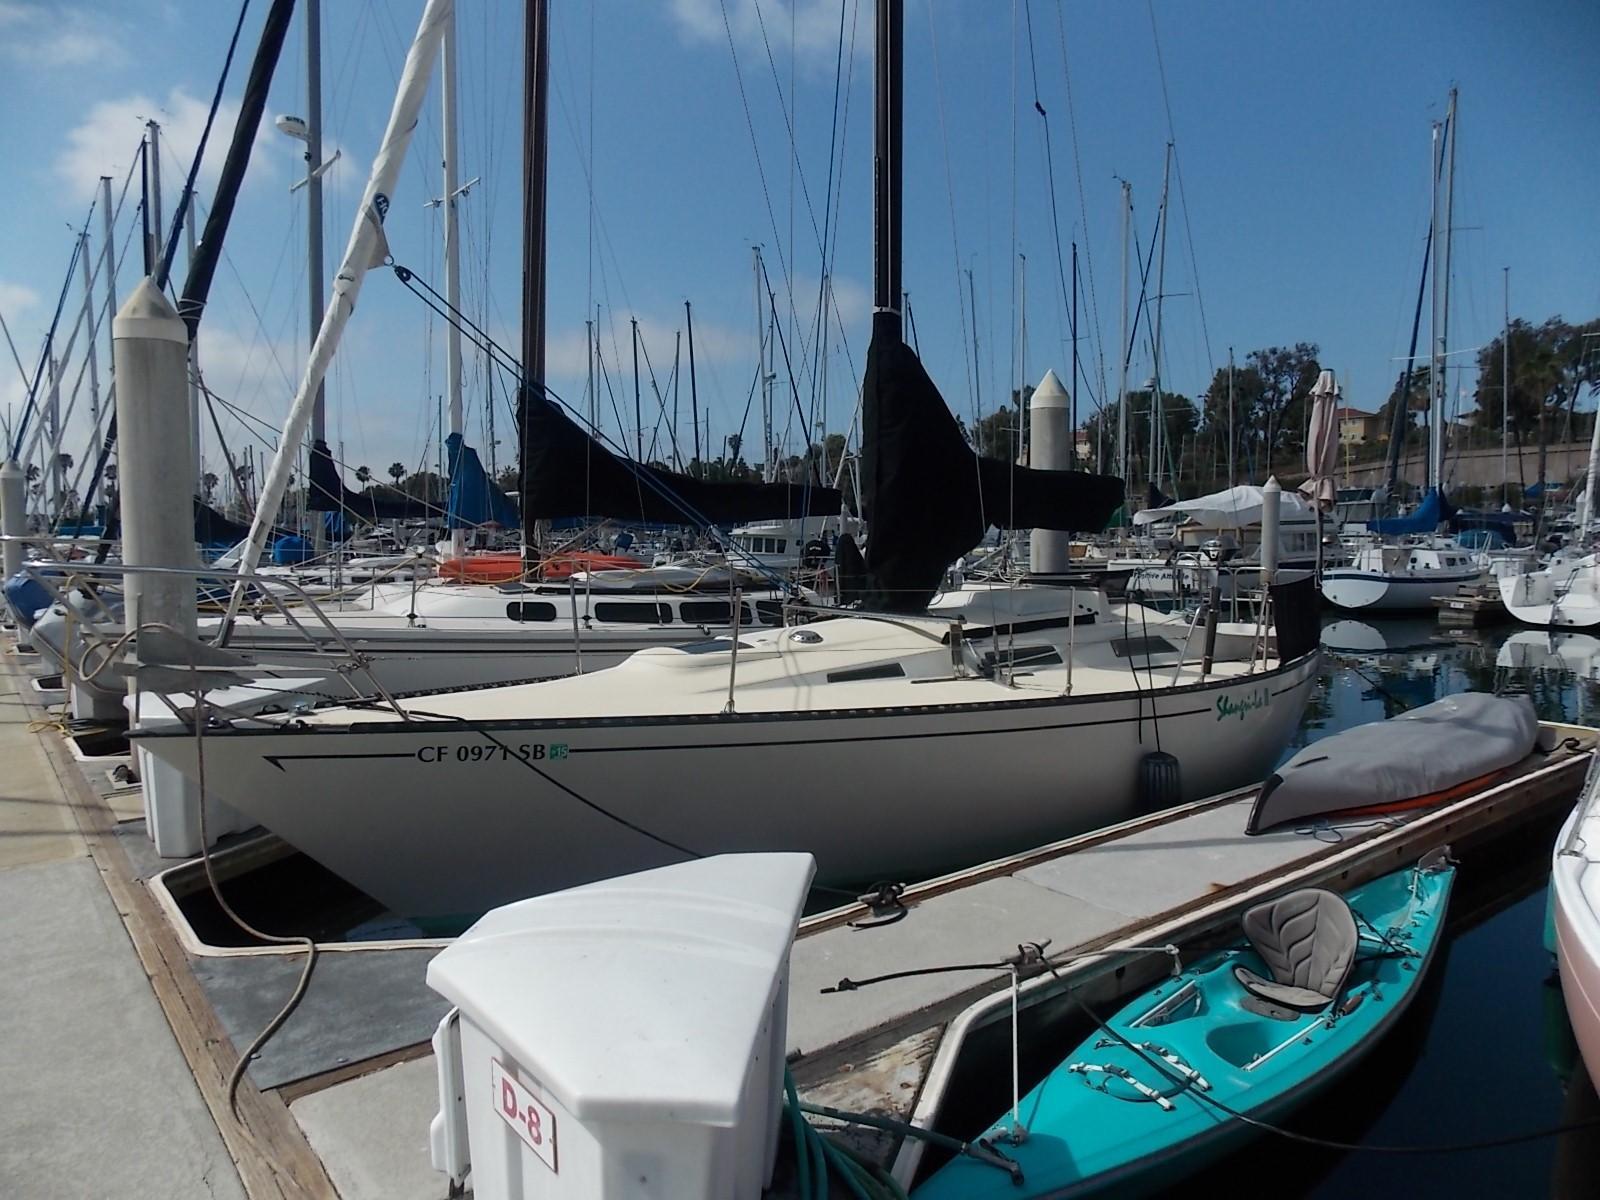 1977 Santana 30 Sail Boat For Sale Wwwyachtworldcom